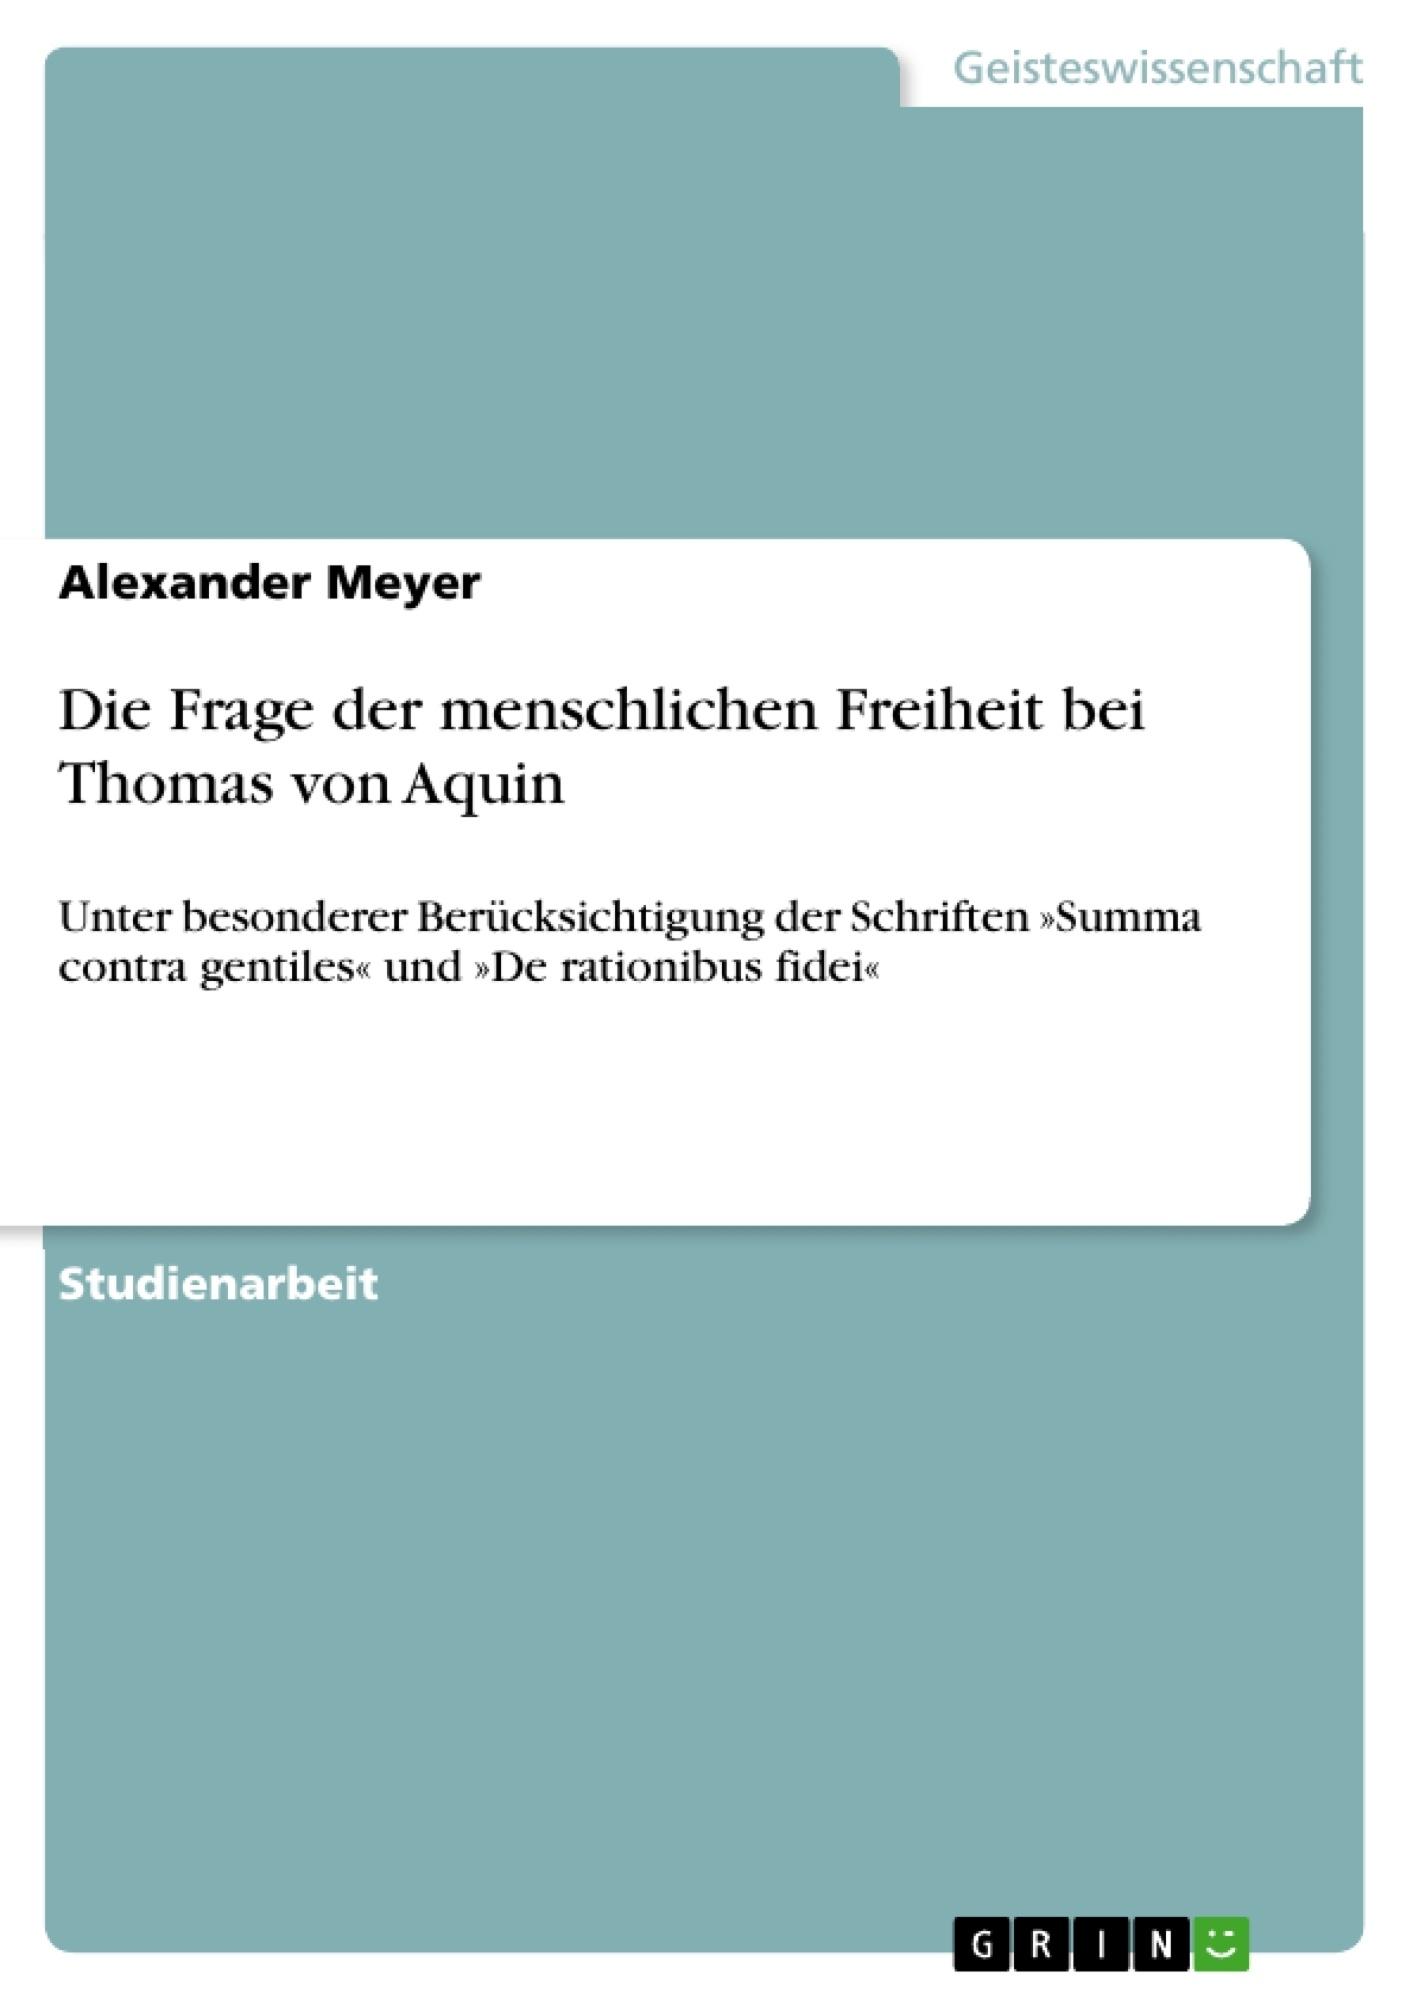 Titel: Die Frage der menschlichen Freiheit bei Thomas von Aquin